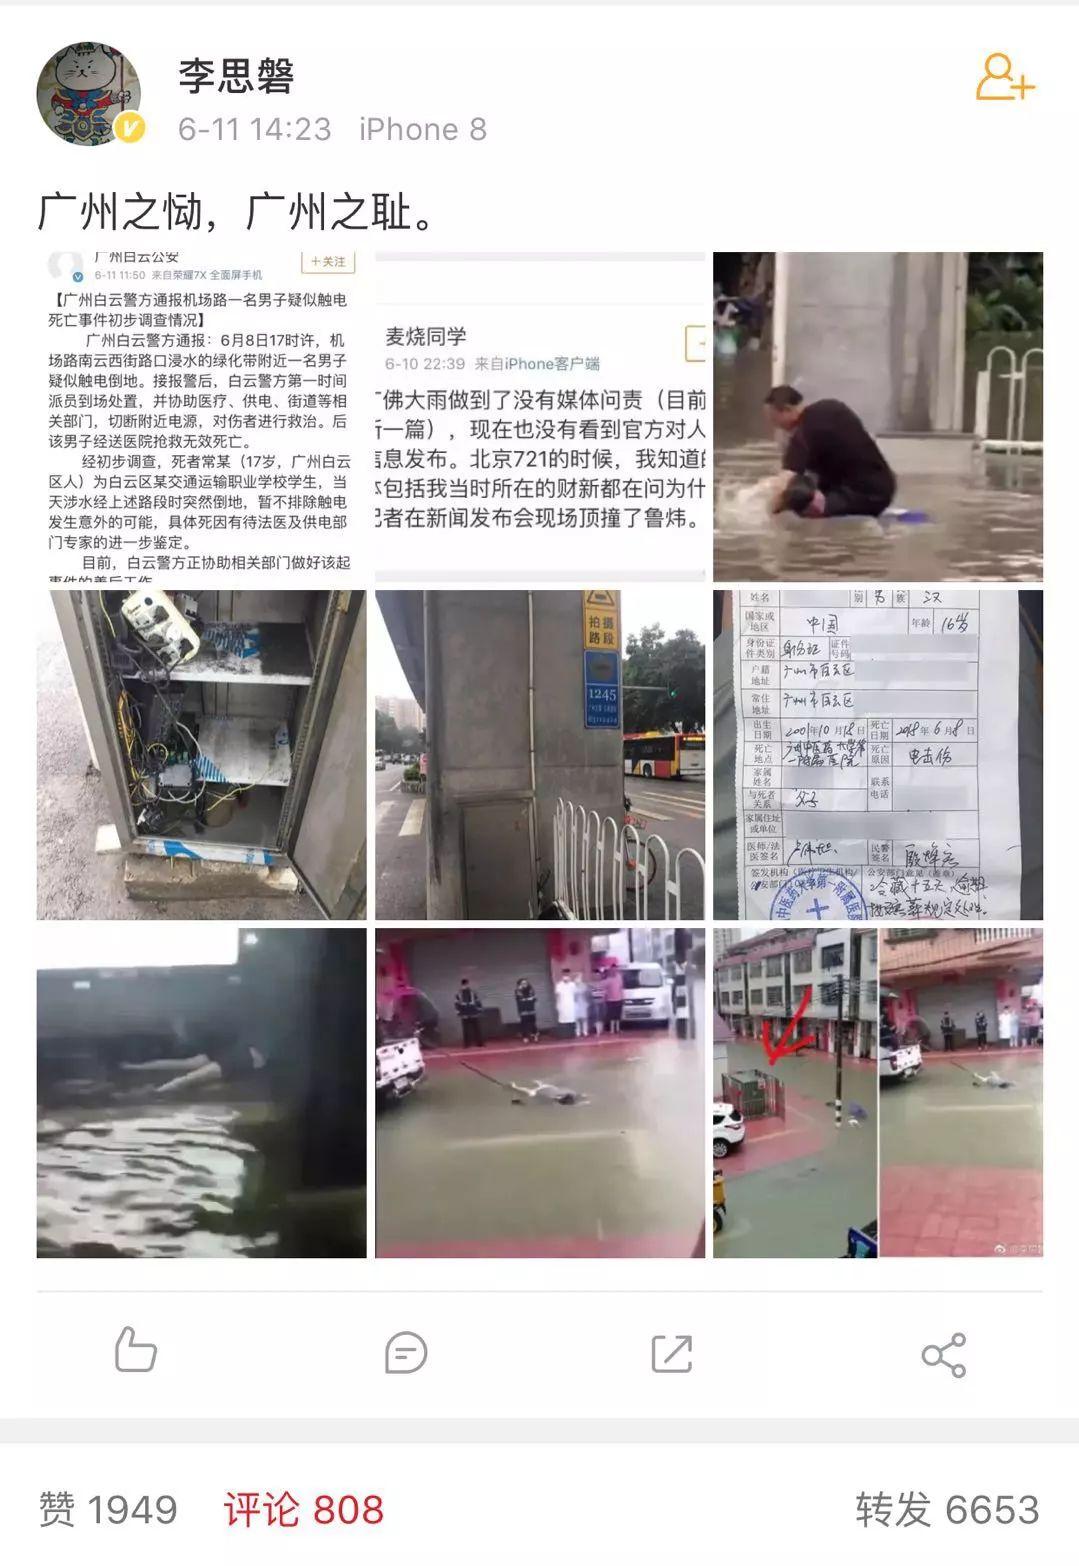 第四维时空 | 一场暴雨,让广州这座城沉入海底……